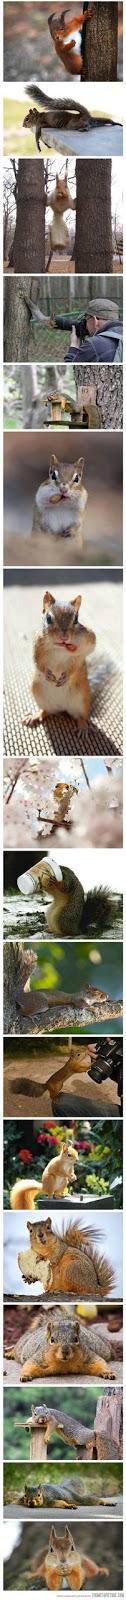 Varias imagenes simpaticas de ardillas